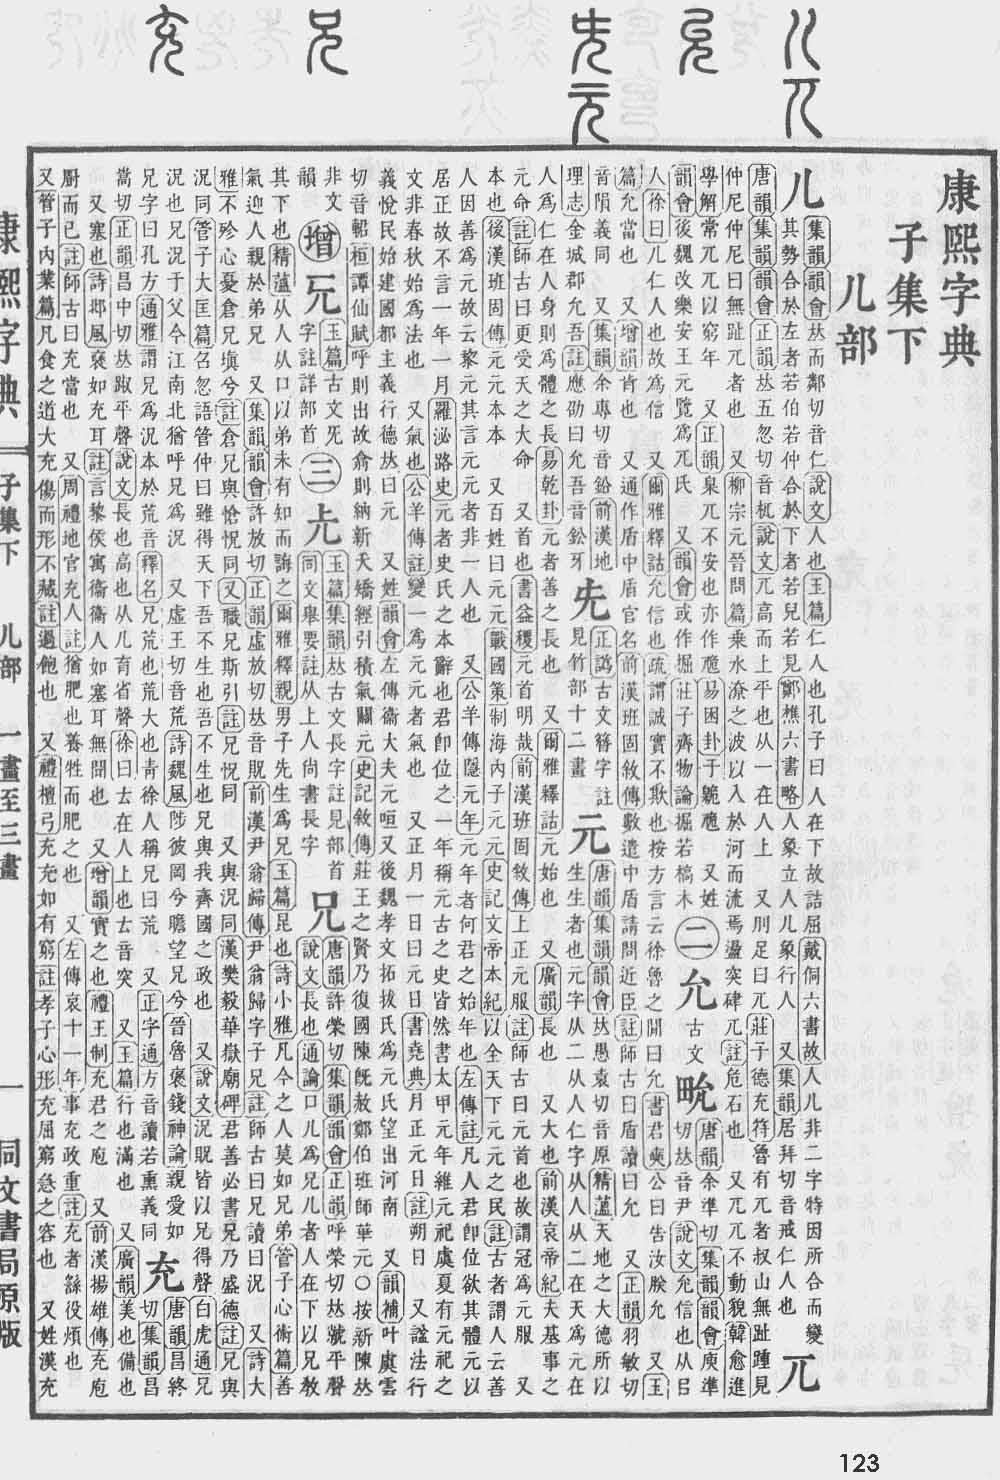 《康熙字典》第123页